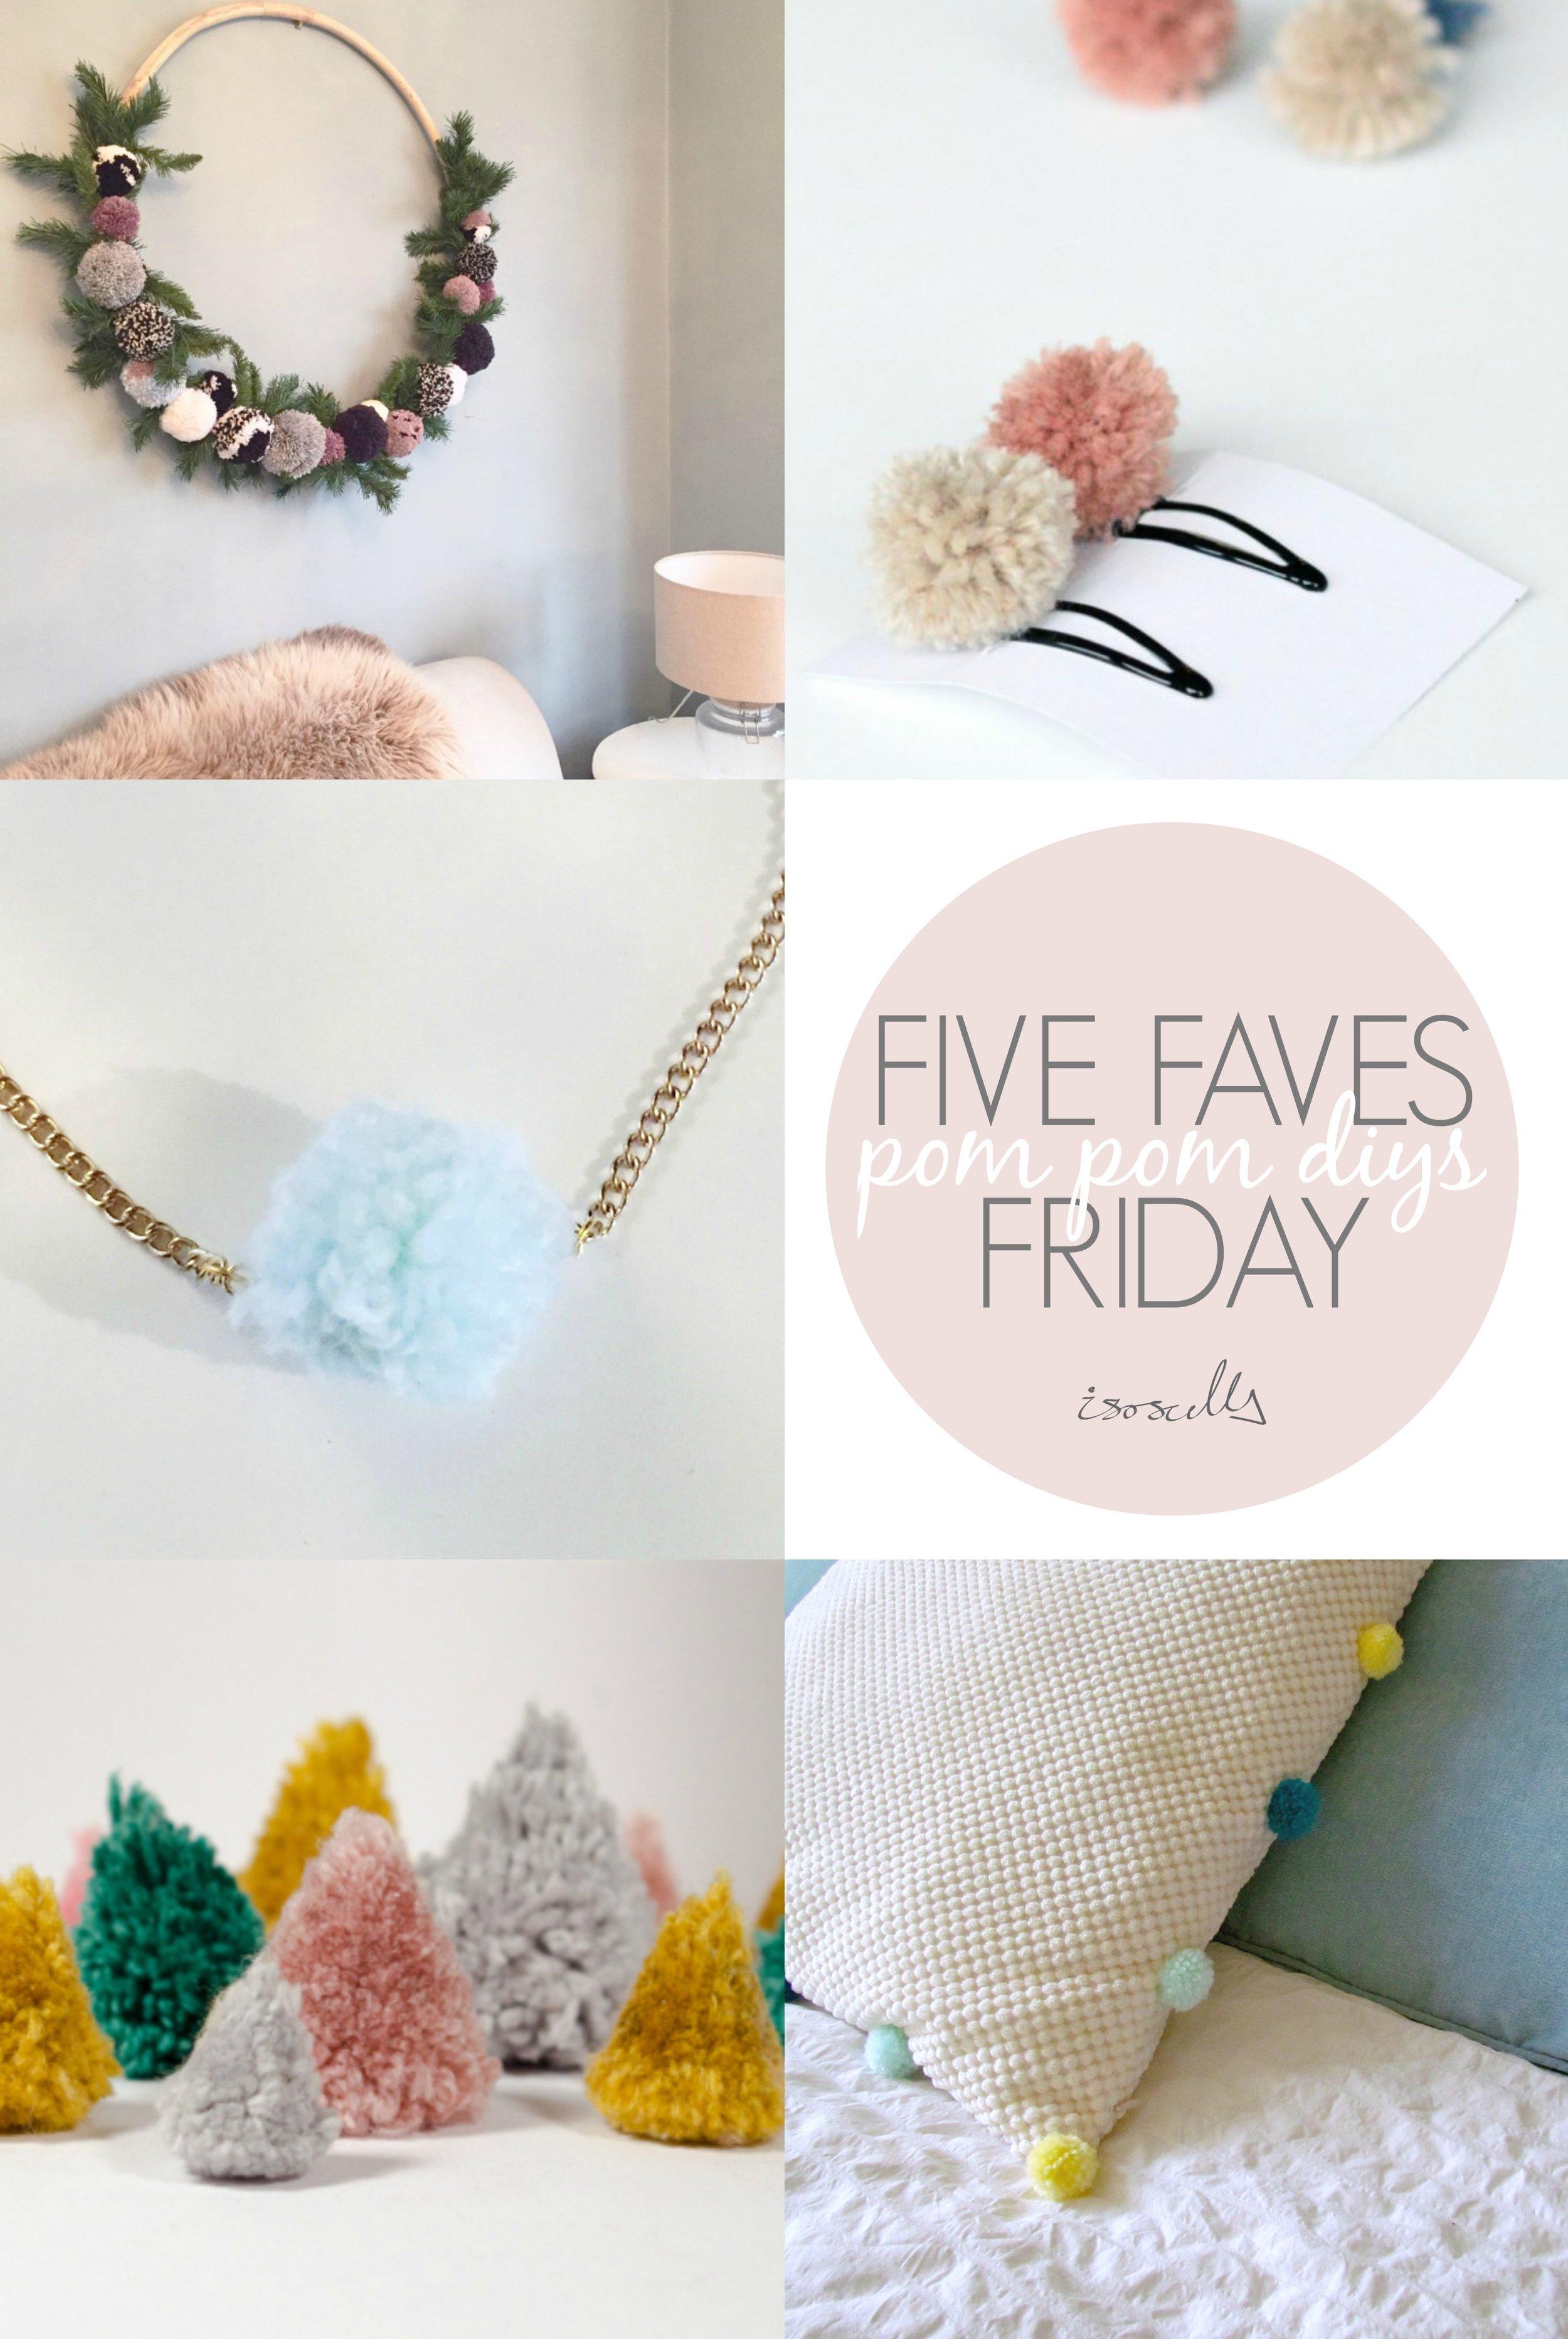 Five Faves Friday - Pom Pom DIYs by Isoscella